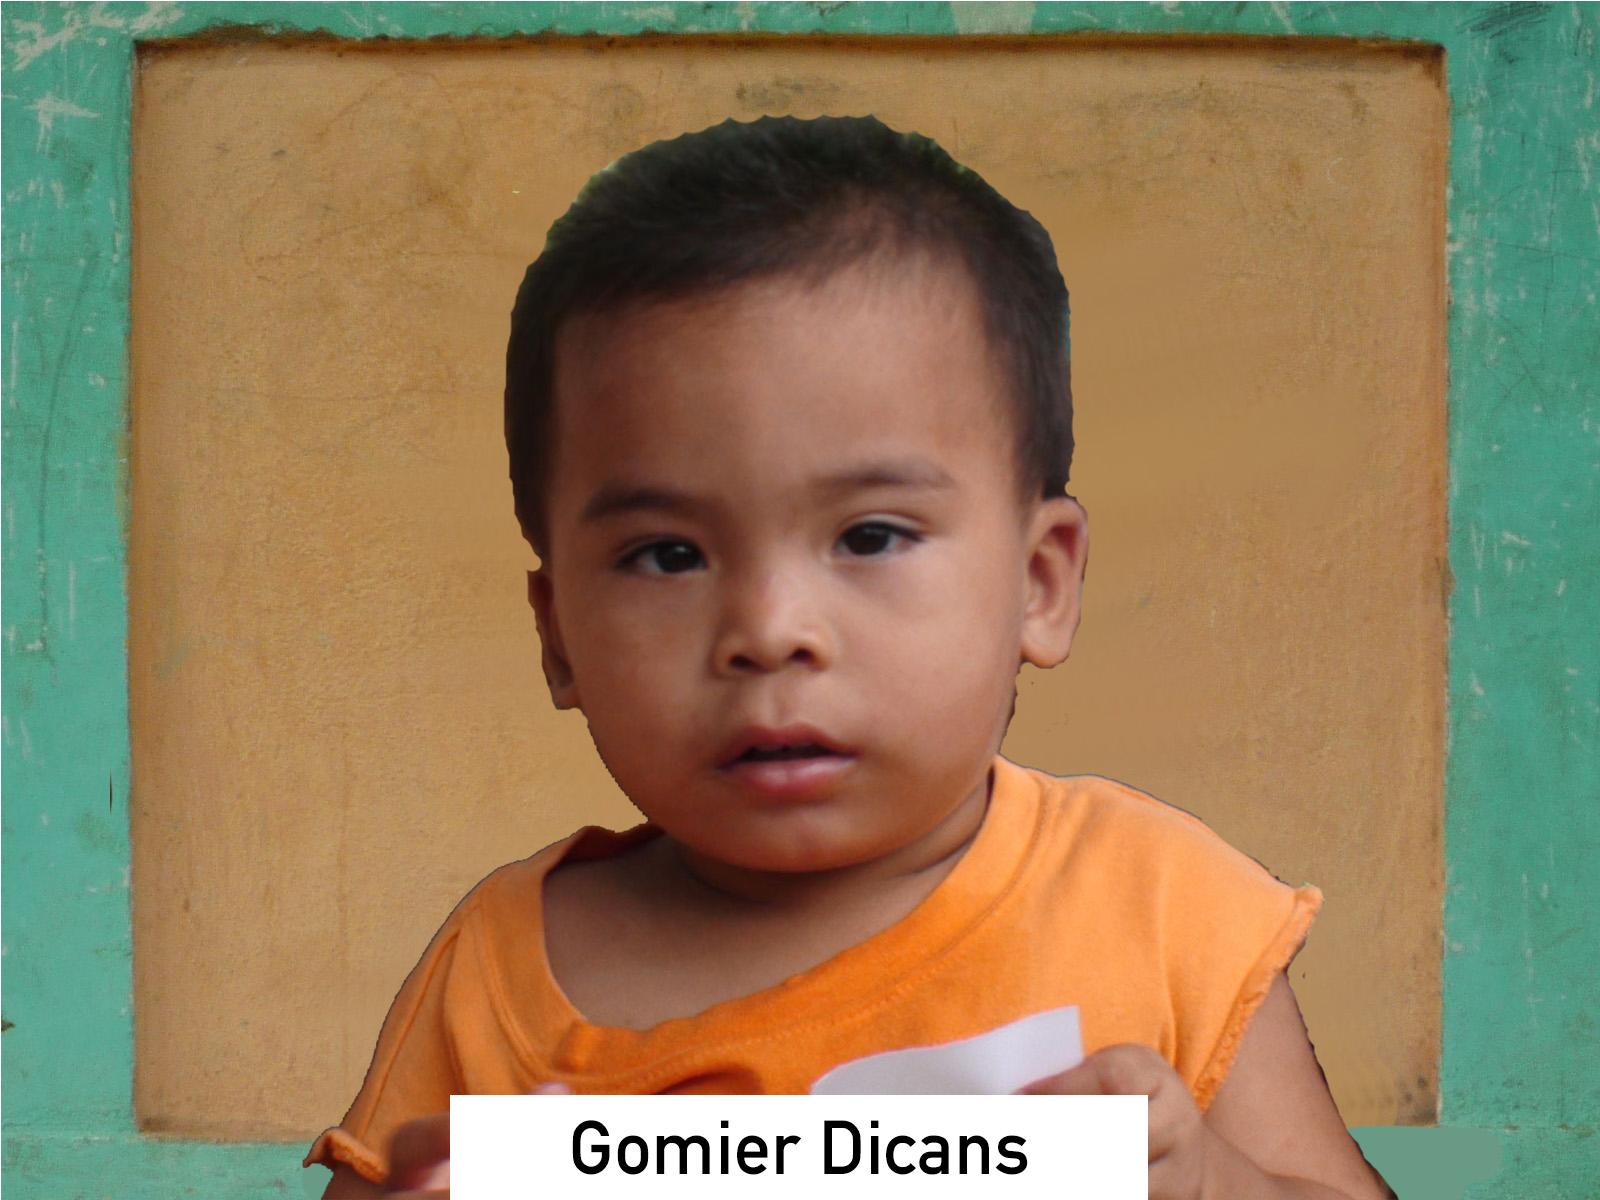 079 - Gomier Dicans.jpg